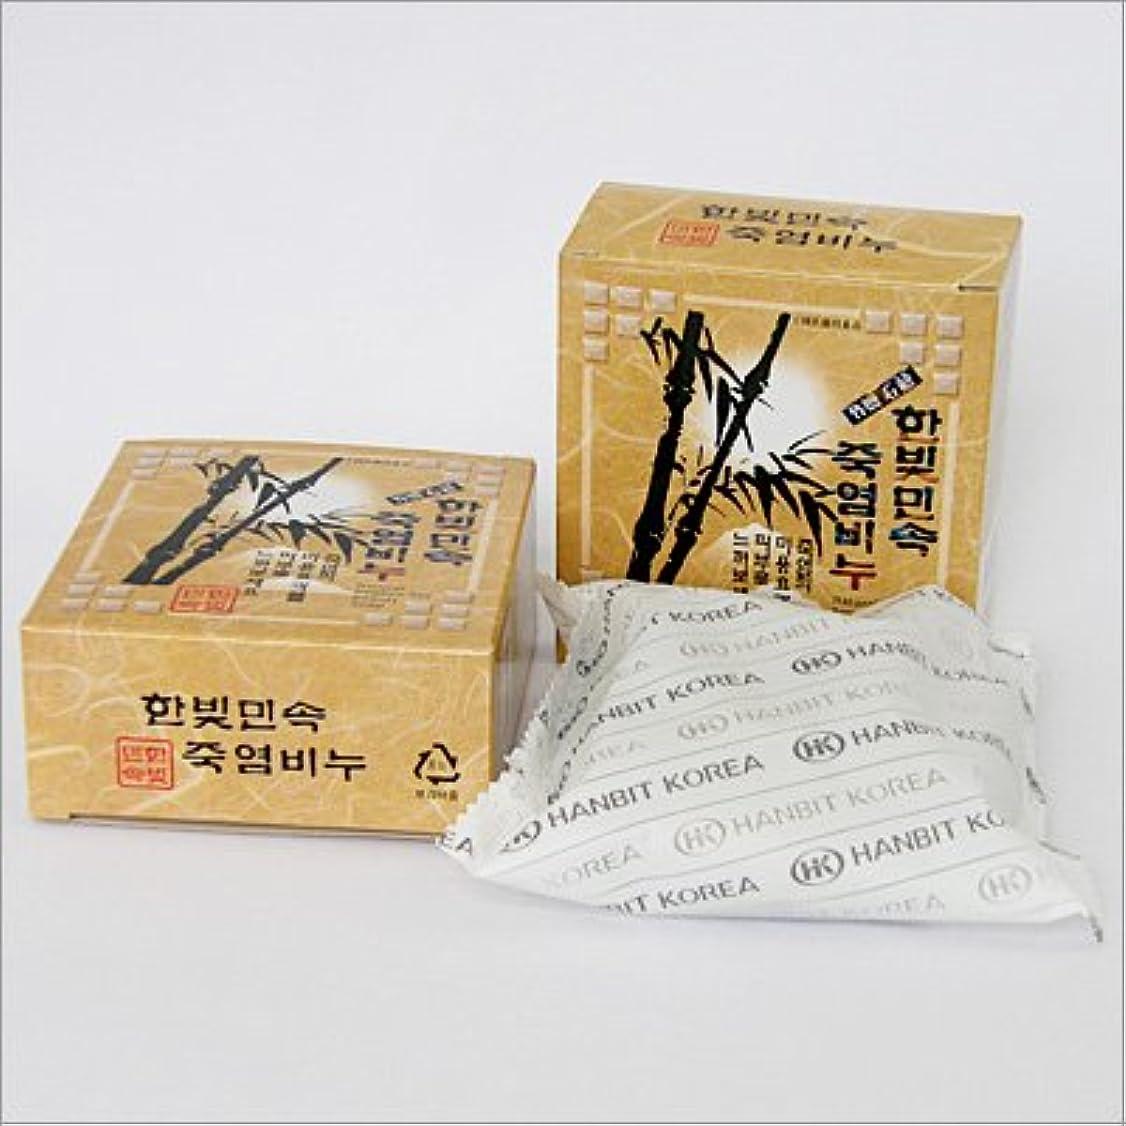 民間人百万感情の(韓国ブランド) 韓国直輸入』竹塩石鹸(3個×5セット)